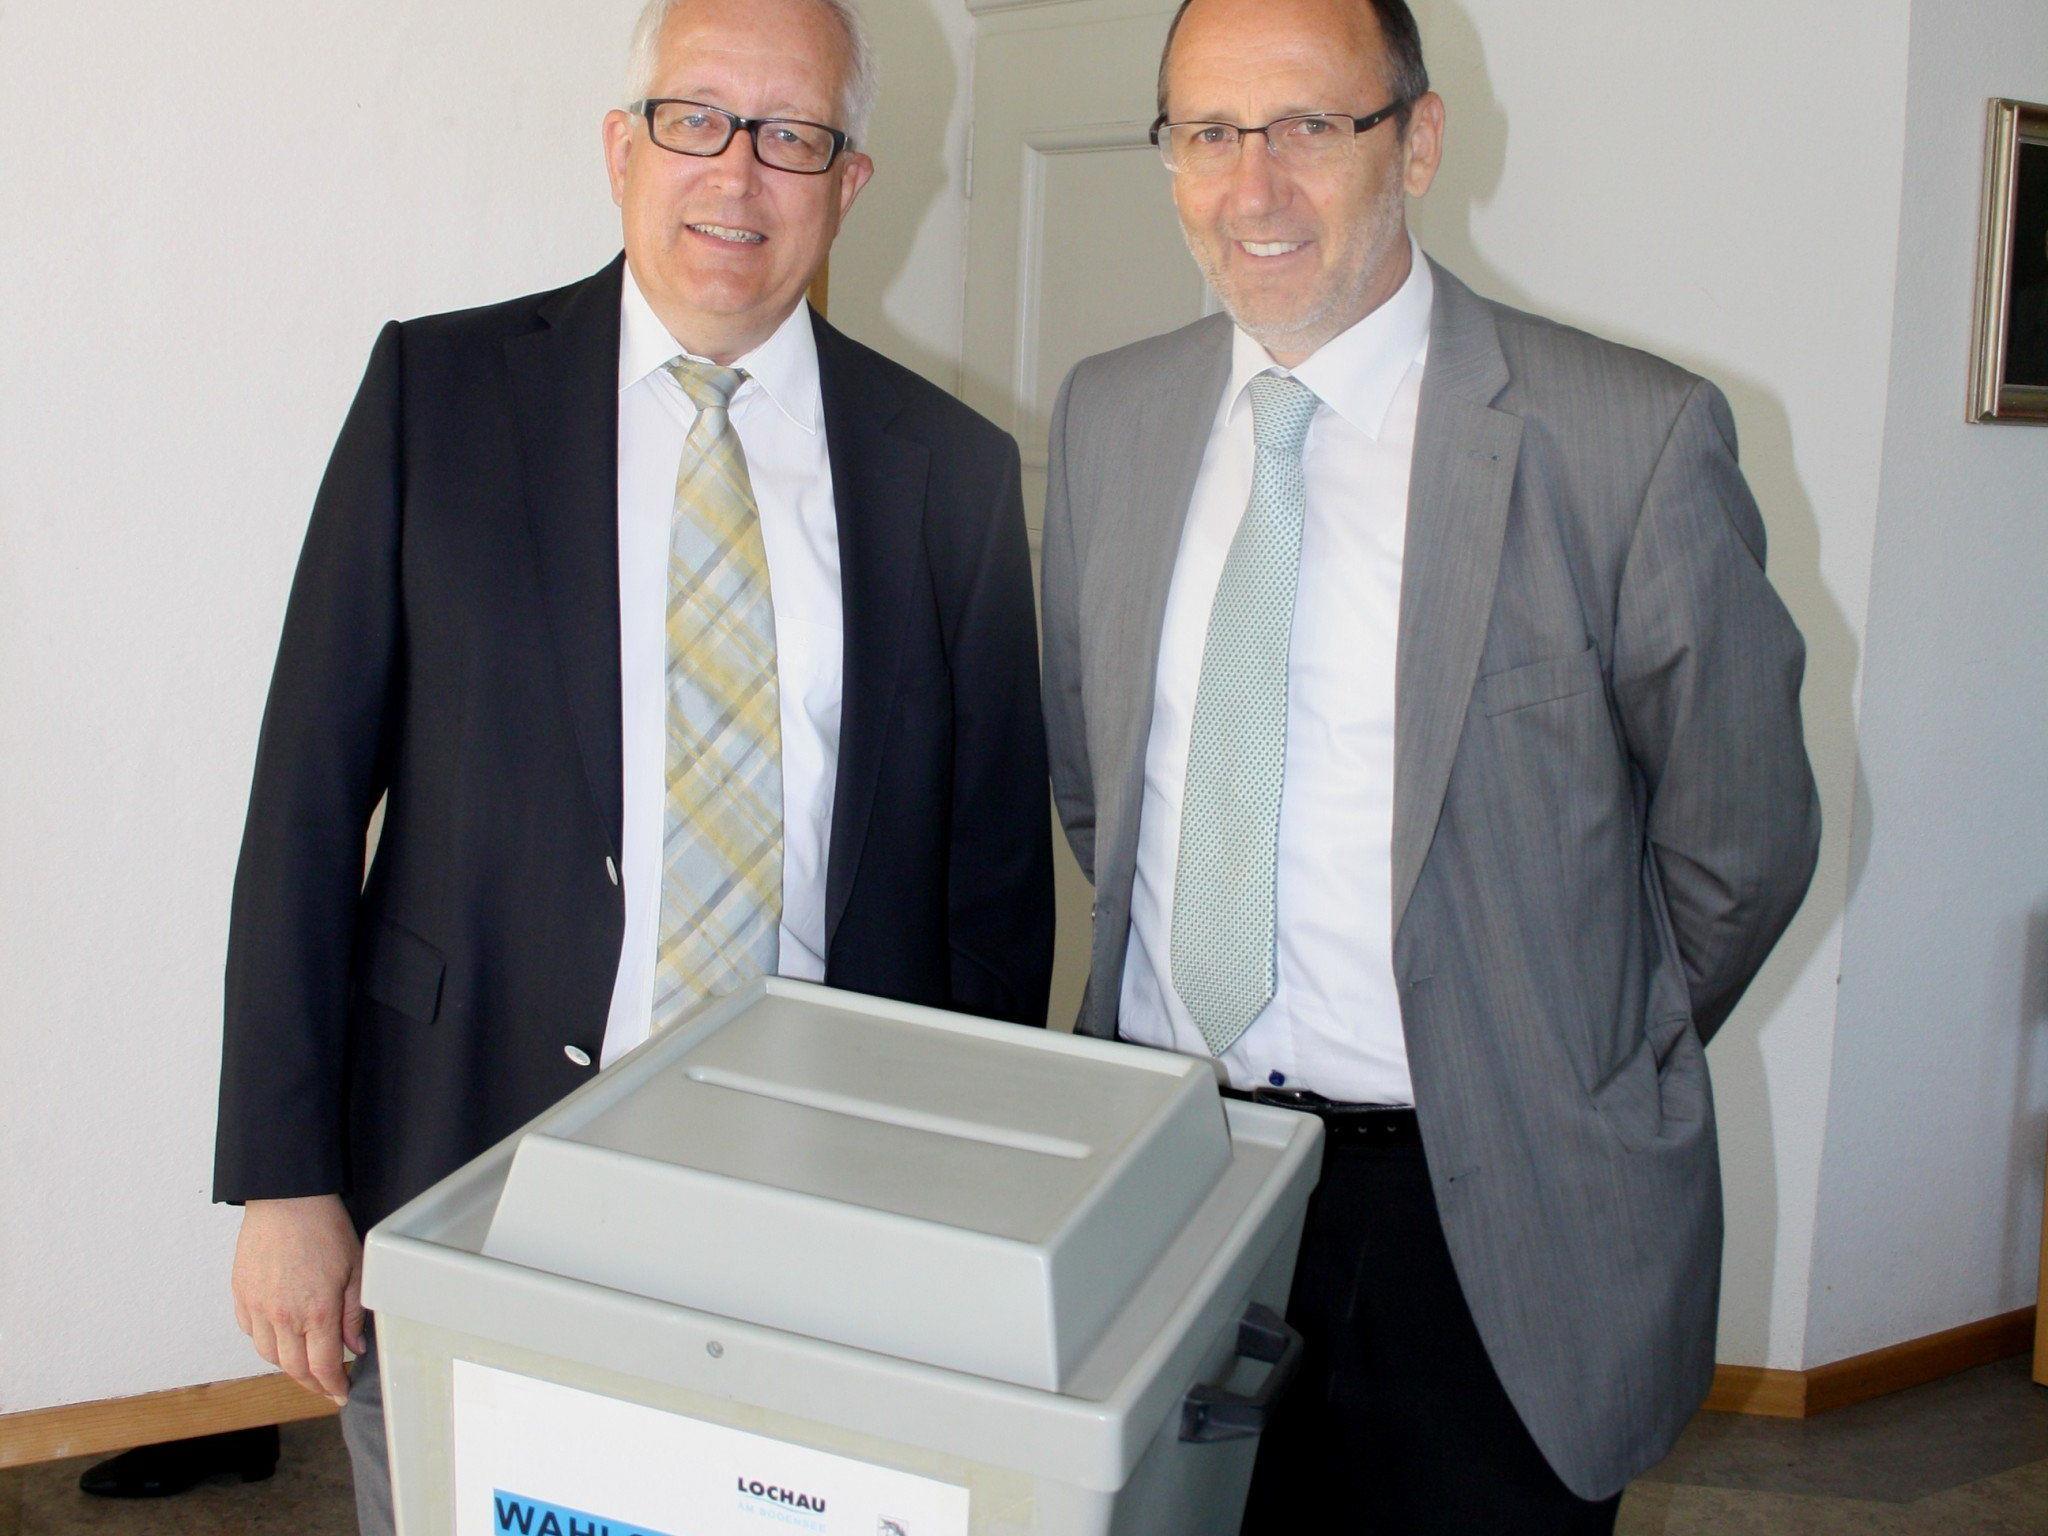 Bürgermeister Xaver Sinz und sein Nachfolger Michael Simma im Wahlsprengel I im Gemeindeamt Lochau